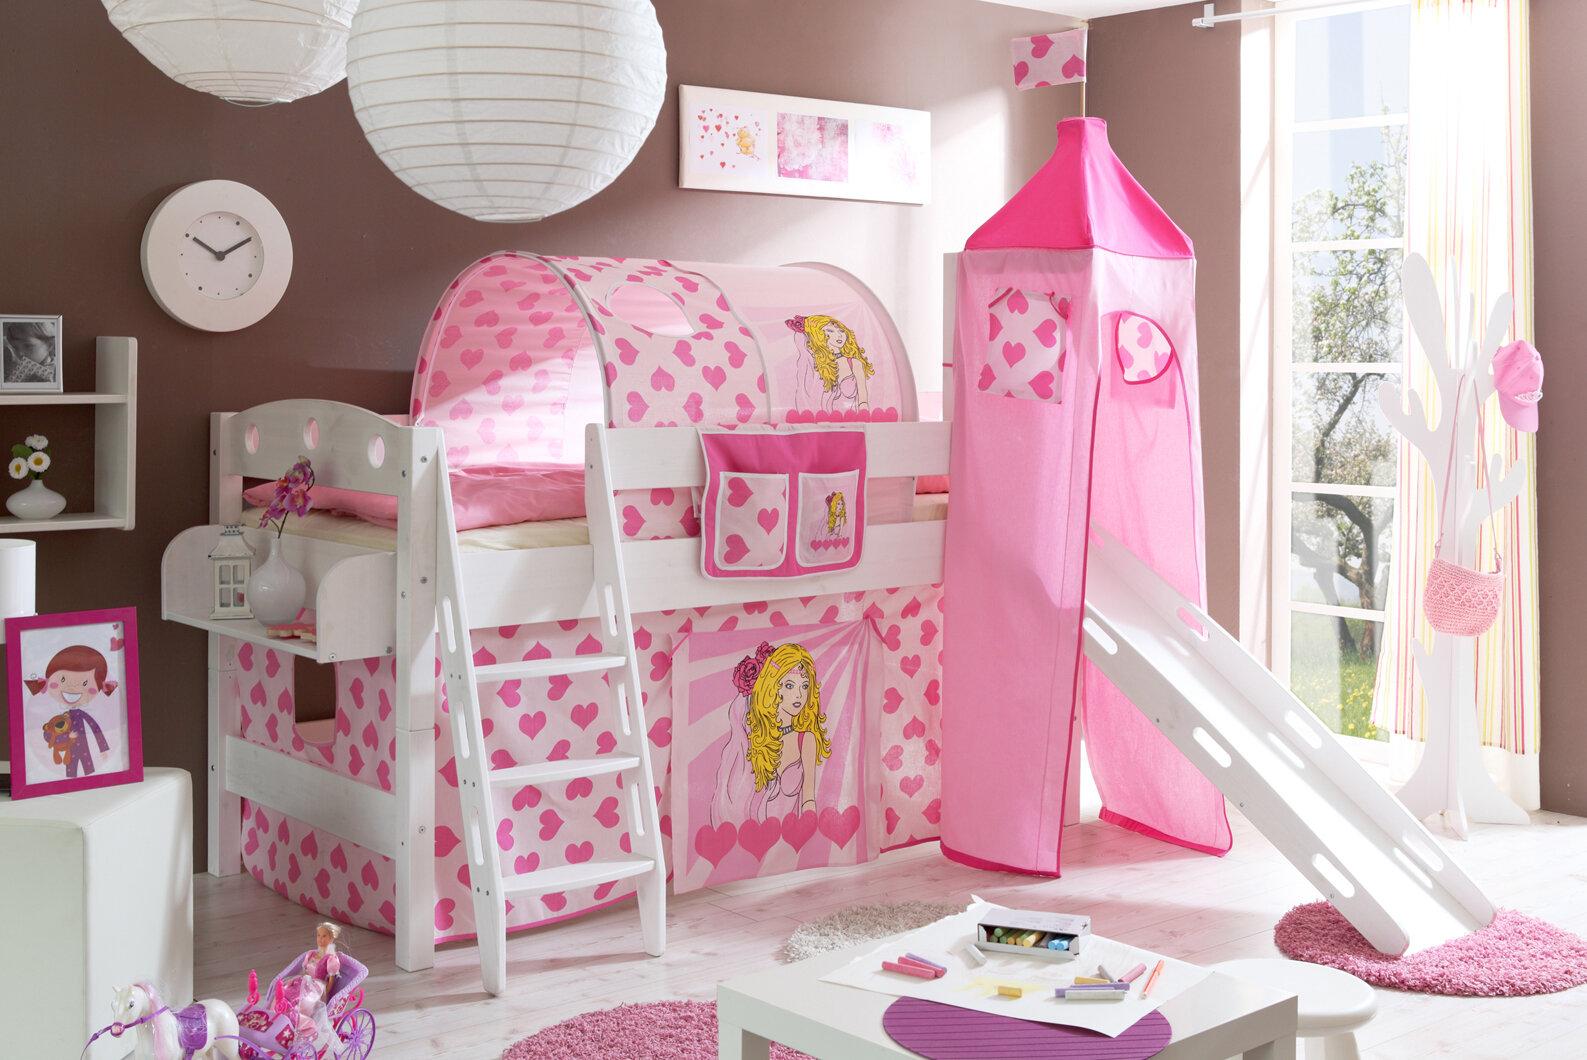 Etagenbett Wayfair : Ticaa hochbett kenny r mit schräger leiter 90 x 200 cm in pink